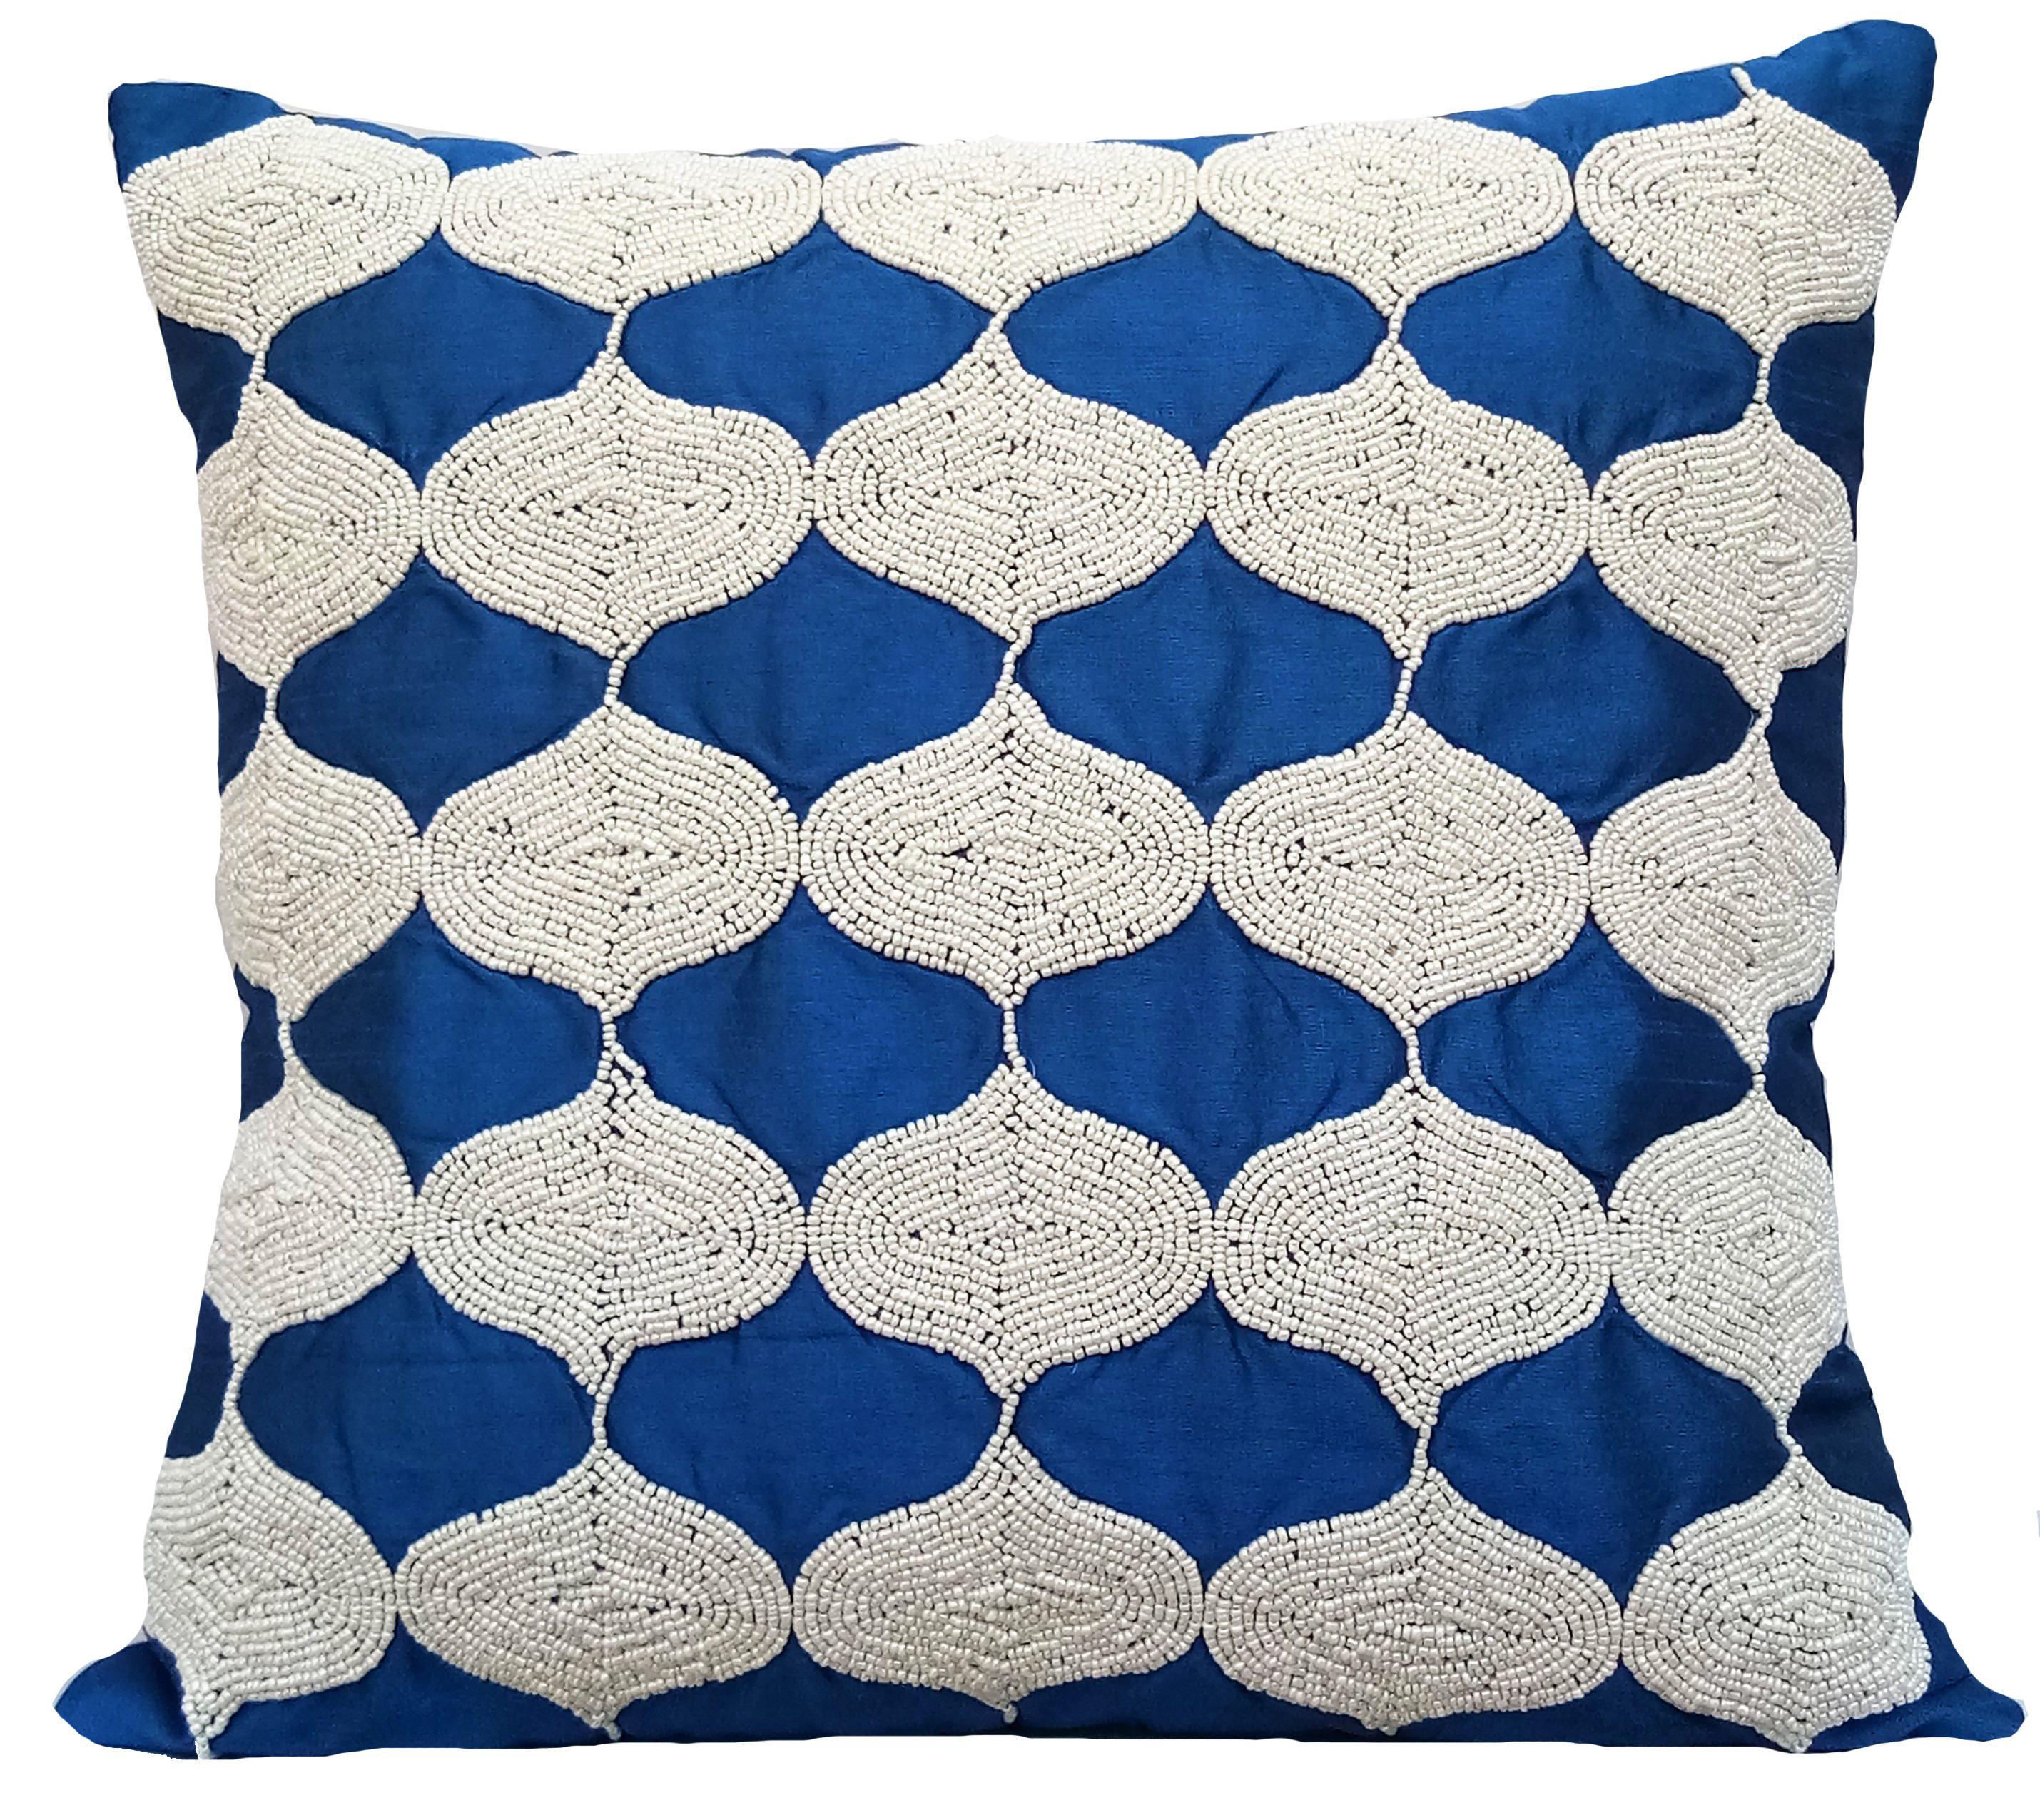 quatrefoil pillows beige bedding p quartz comforter tufted pillow rectangle trellis set